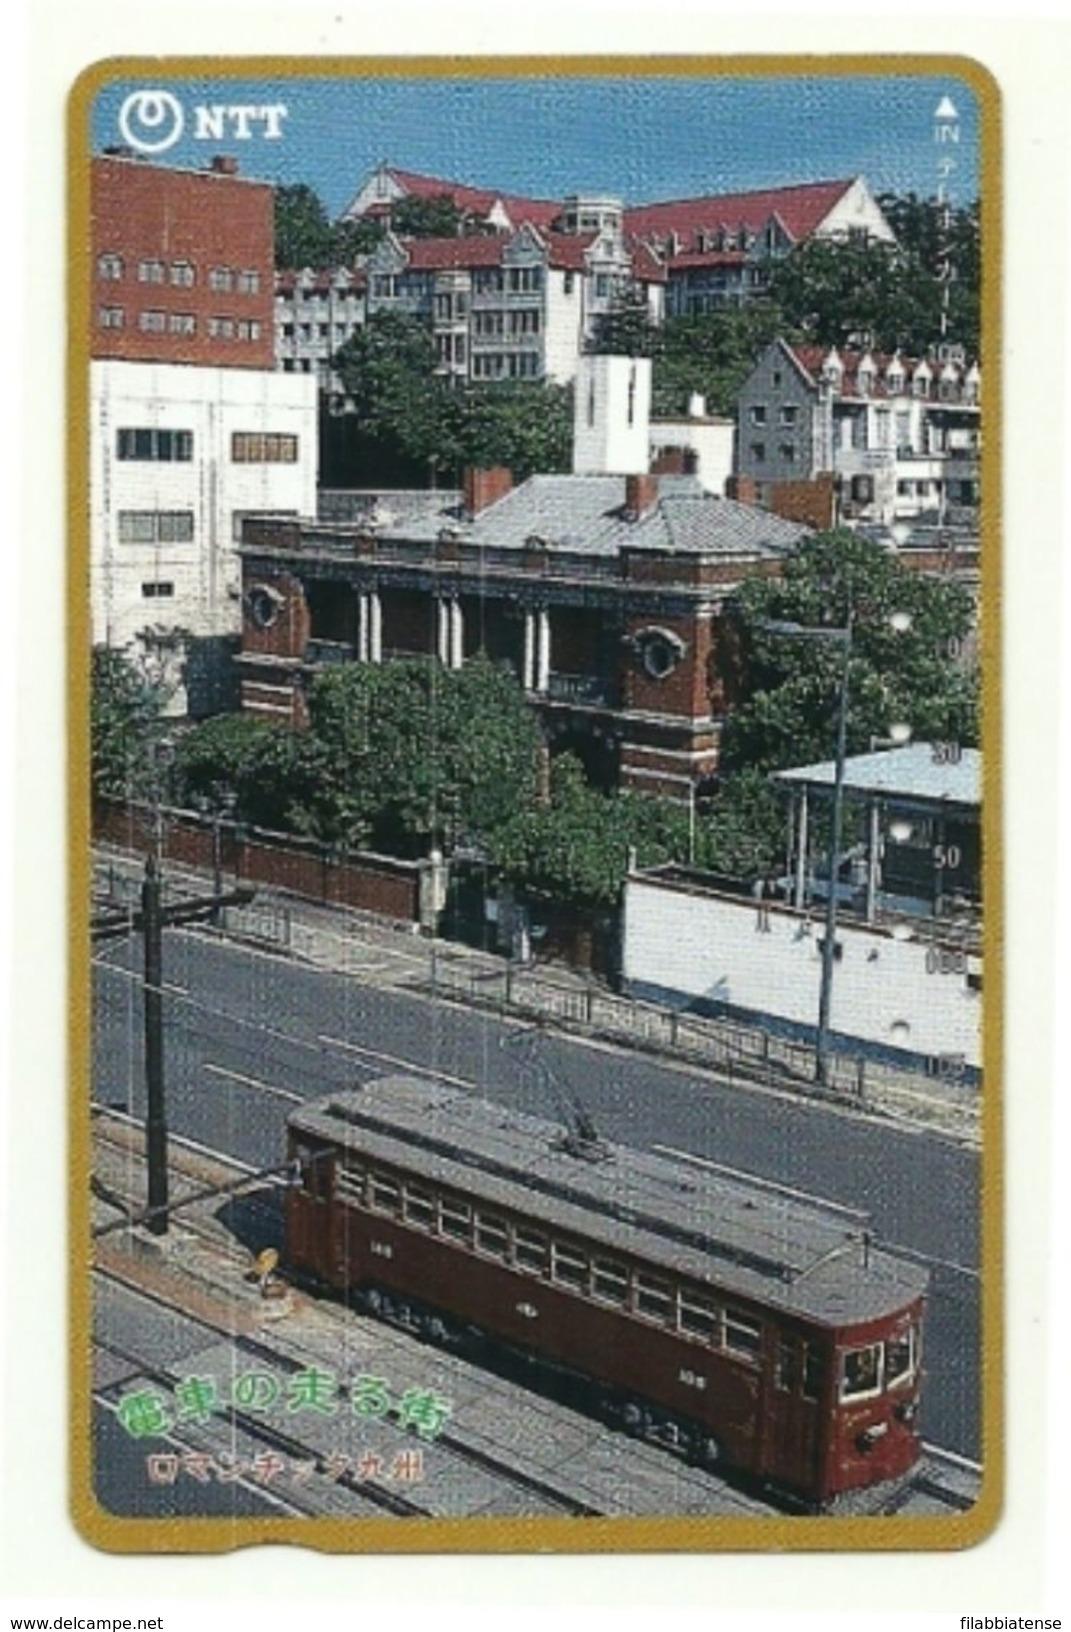 Giappone - Tessera Telefonica Da 105 Units T346 - NTT, - Treni